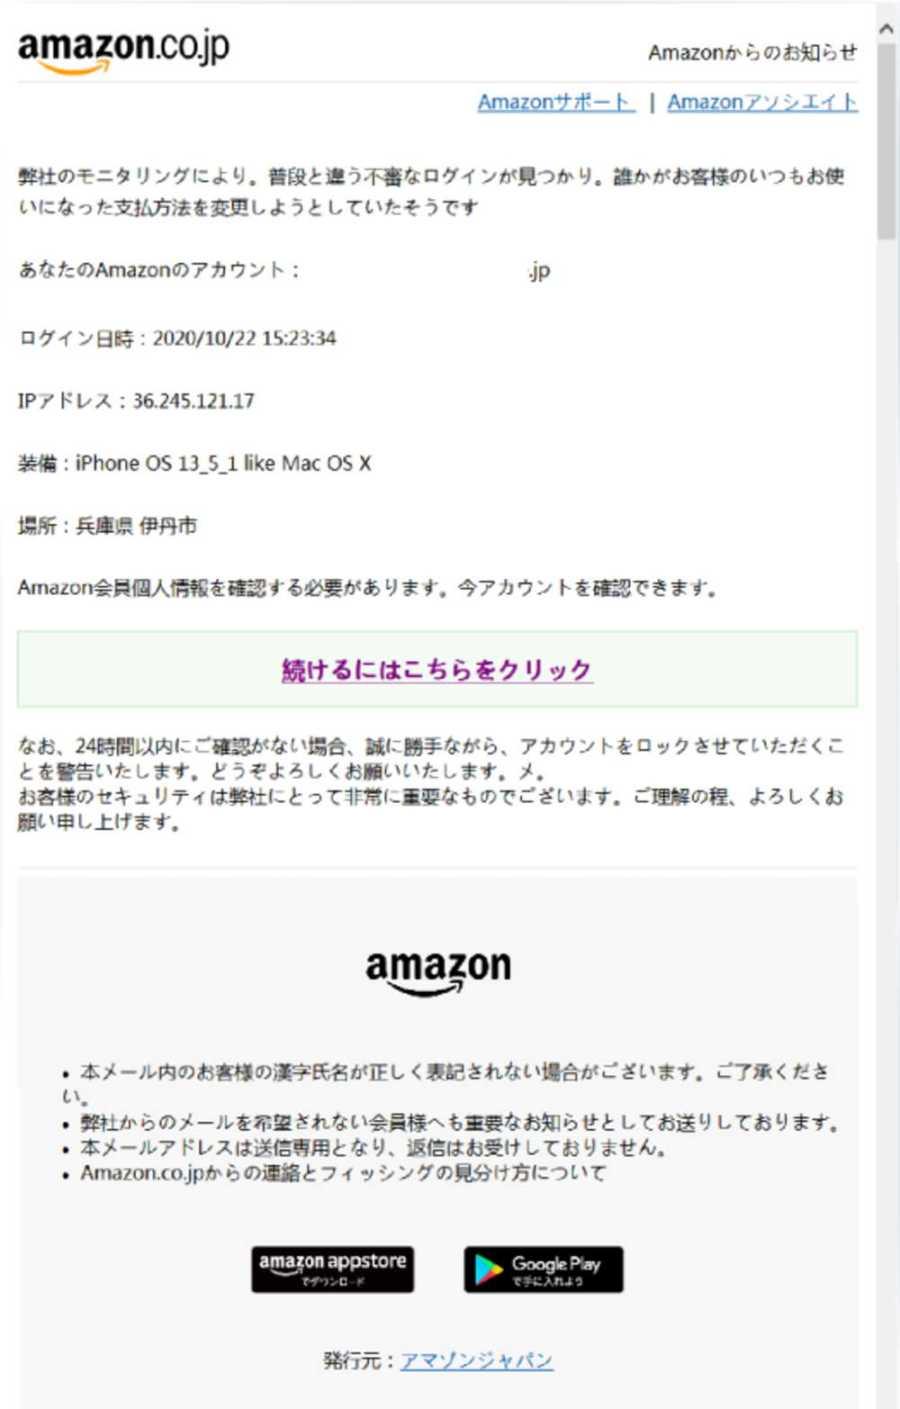 スクリーンショット_E-mail